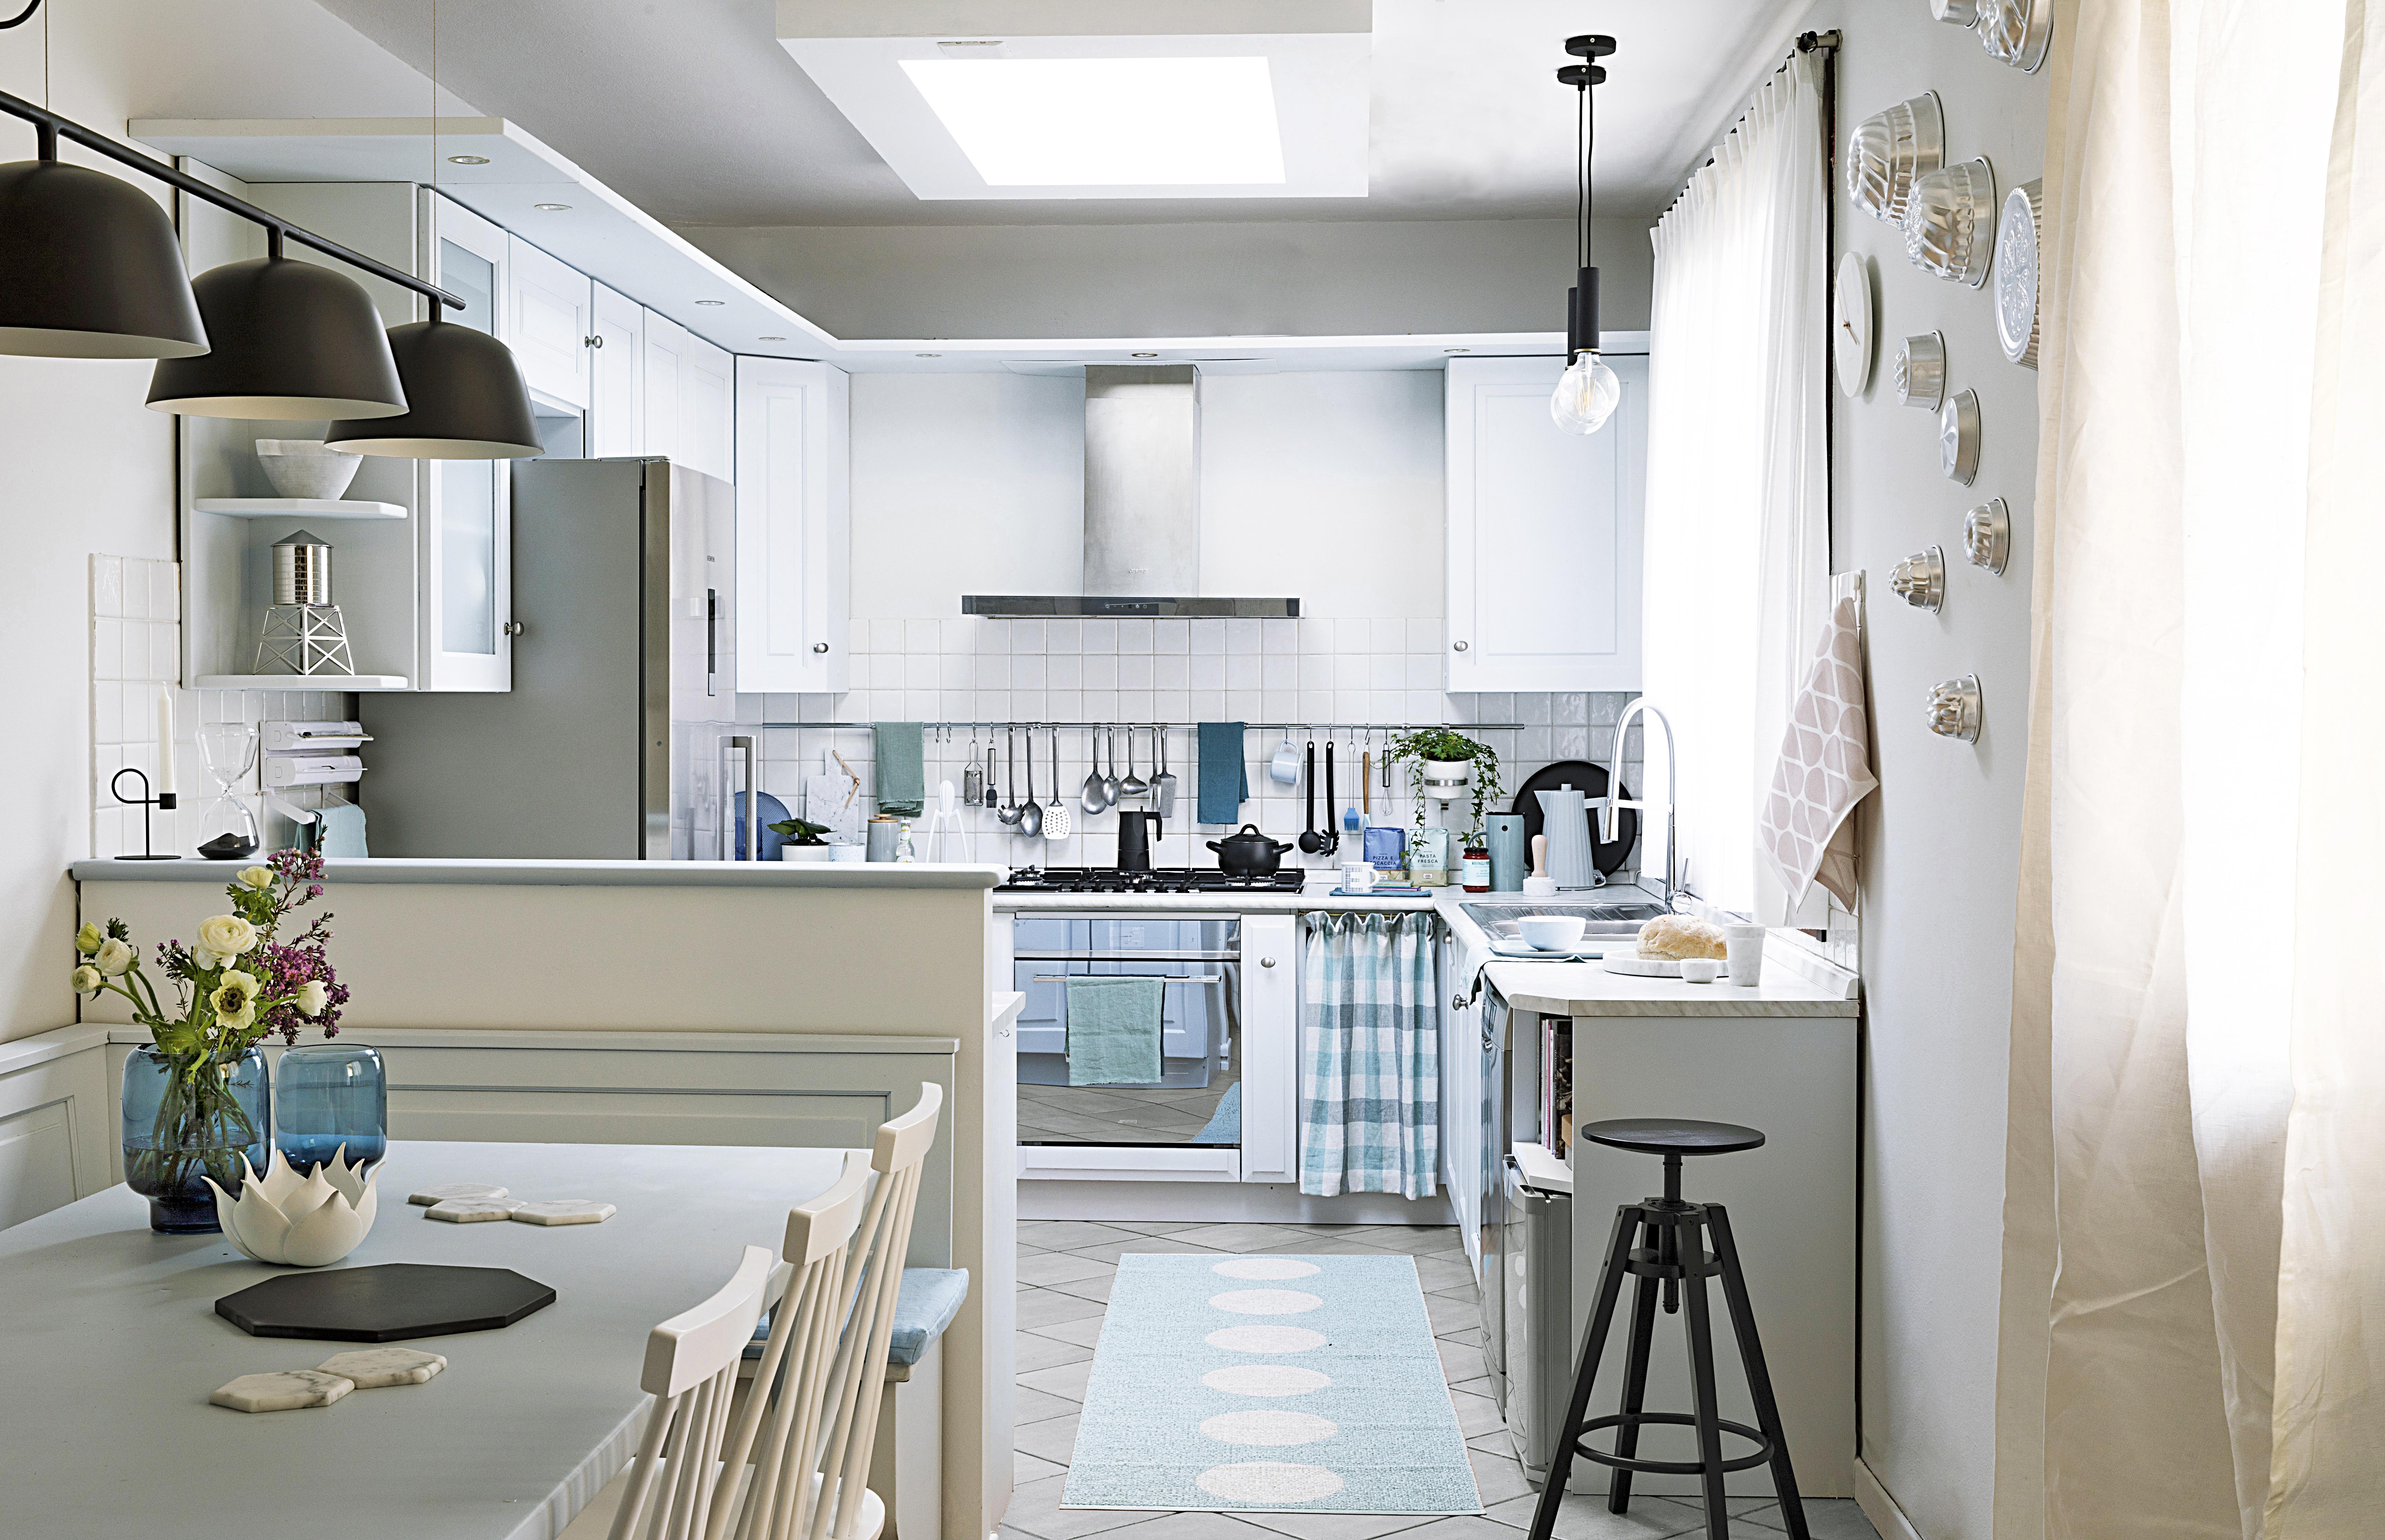 Mobili Per Cucina Piccola 100 trucchi per organizzare la cucina - casafacile